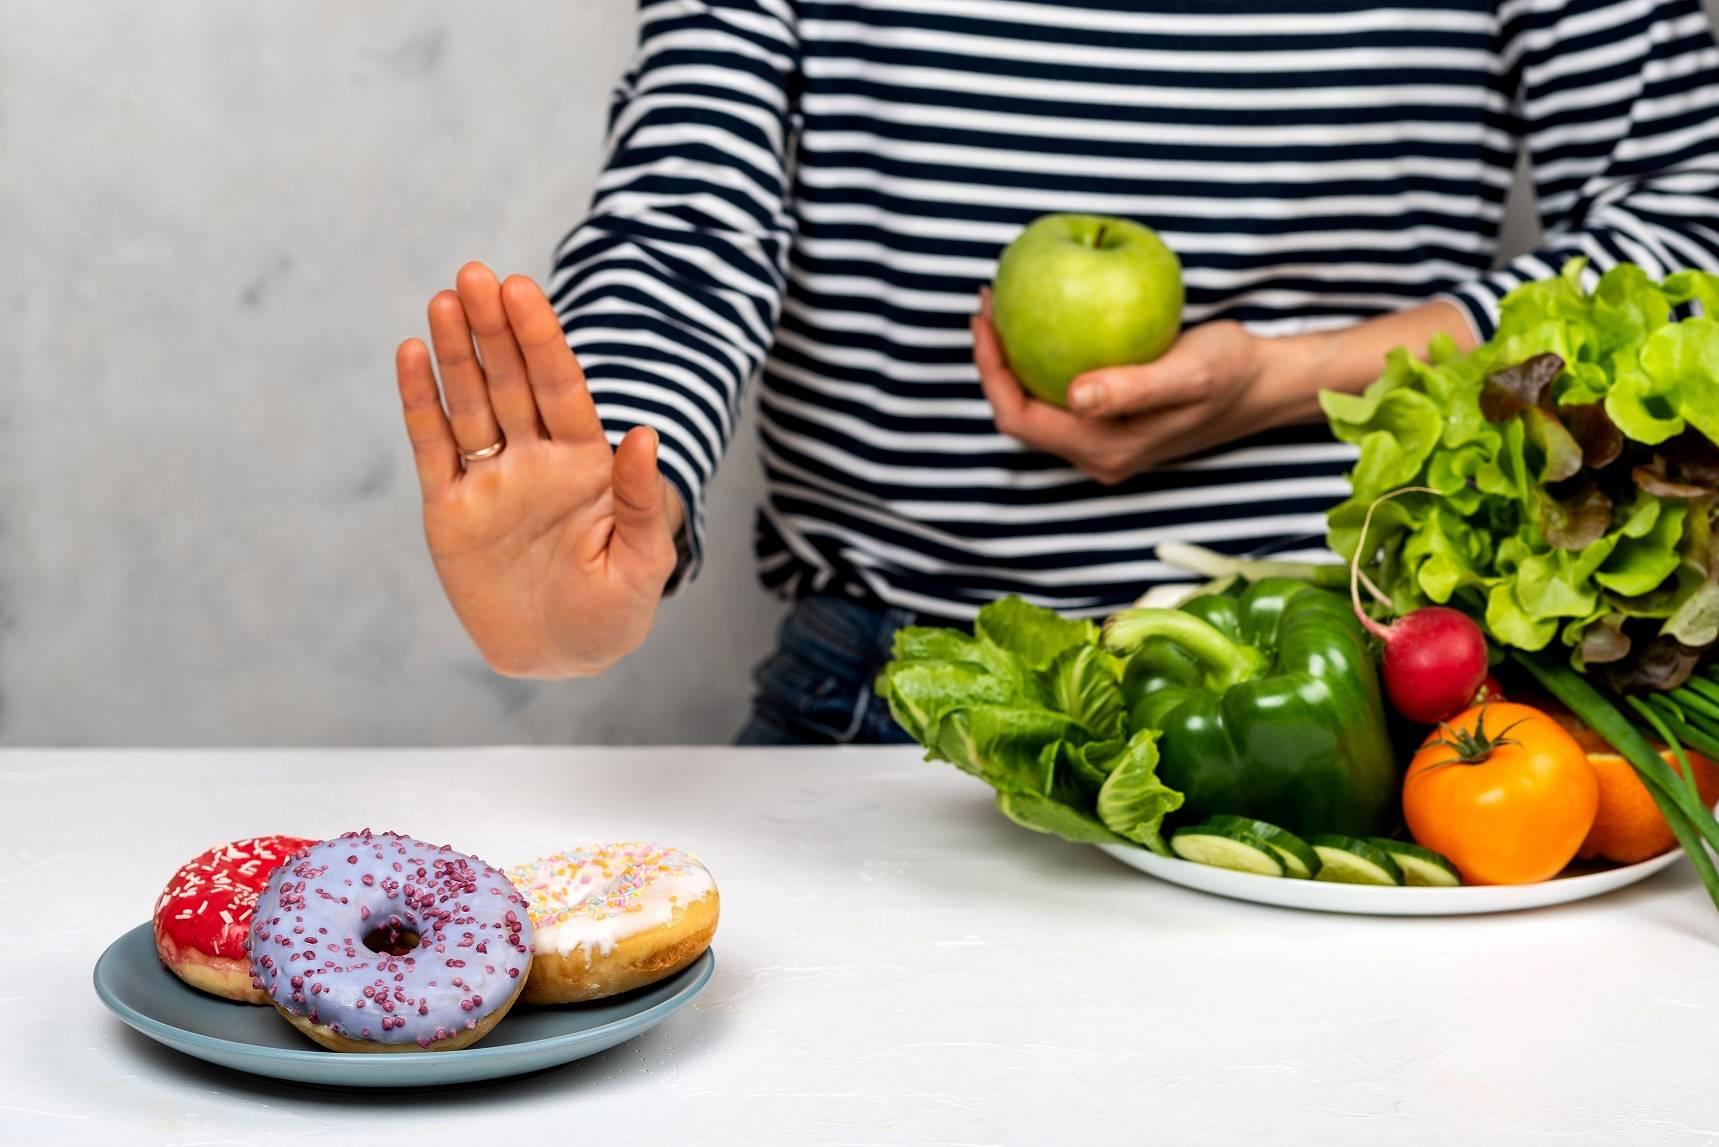 Zdravé stravování. Strašák dnešní doby?